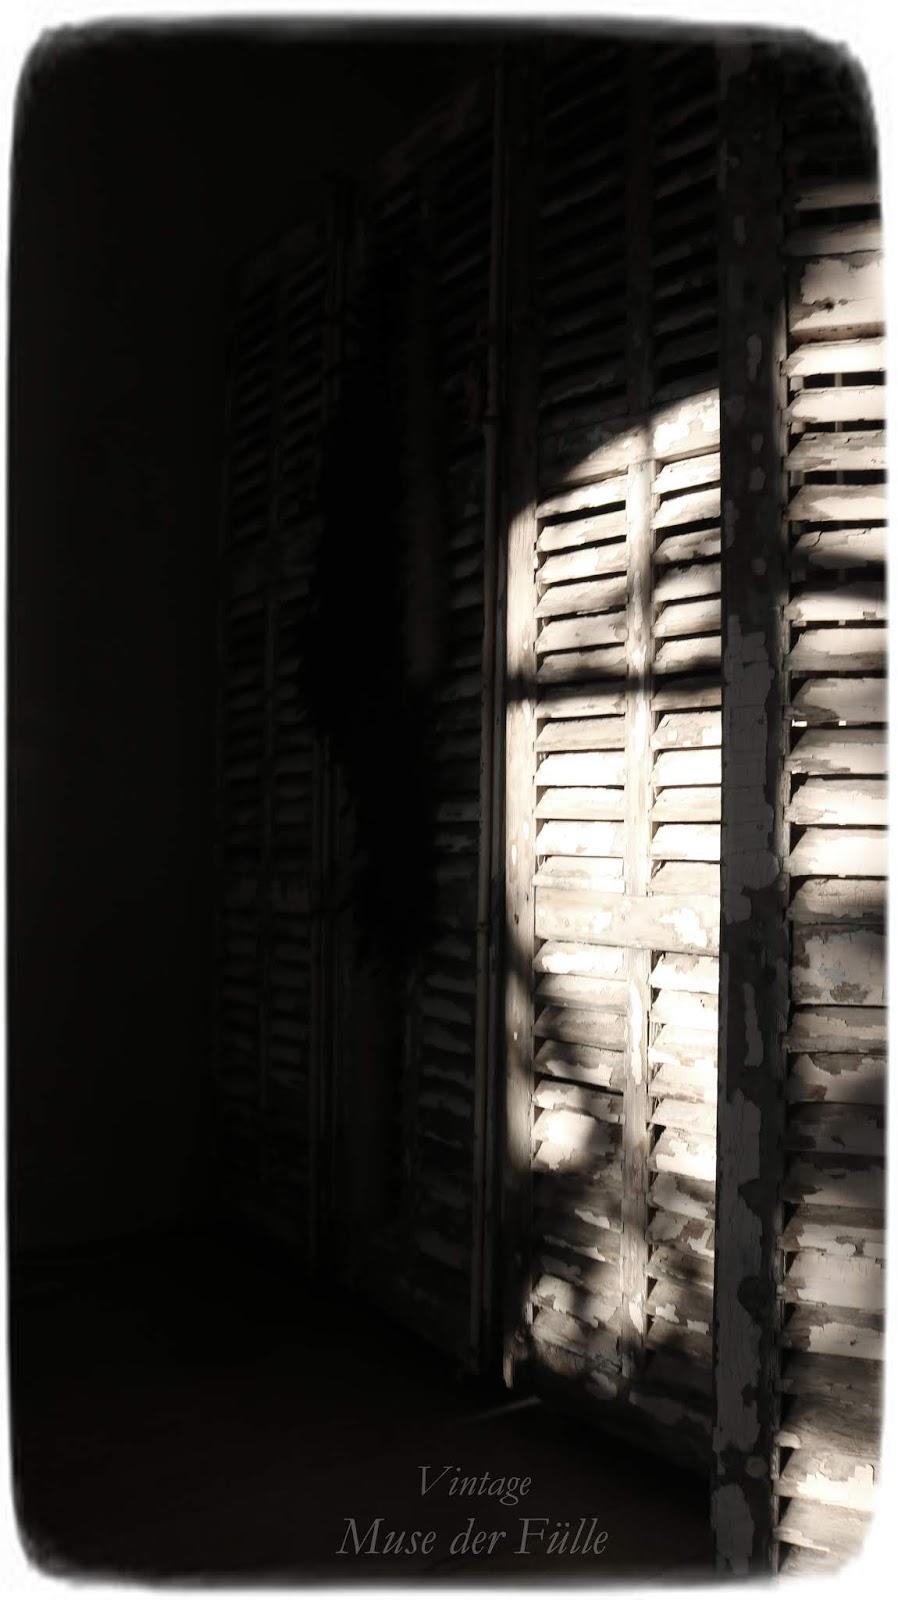 das Spiel vom Licht und Schatten